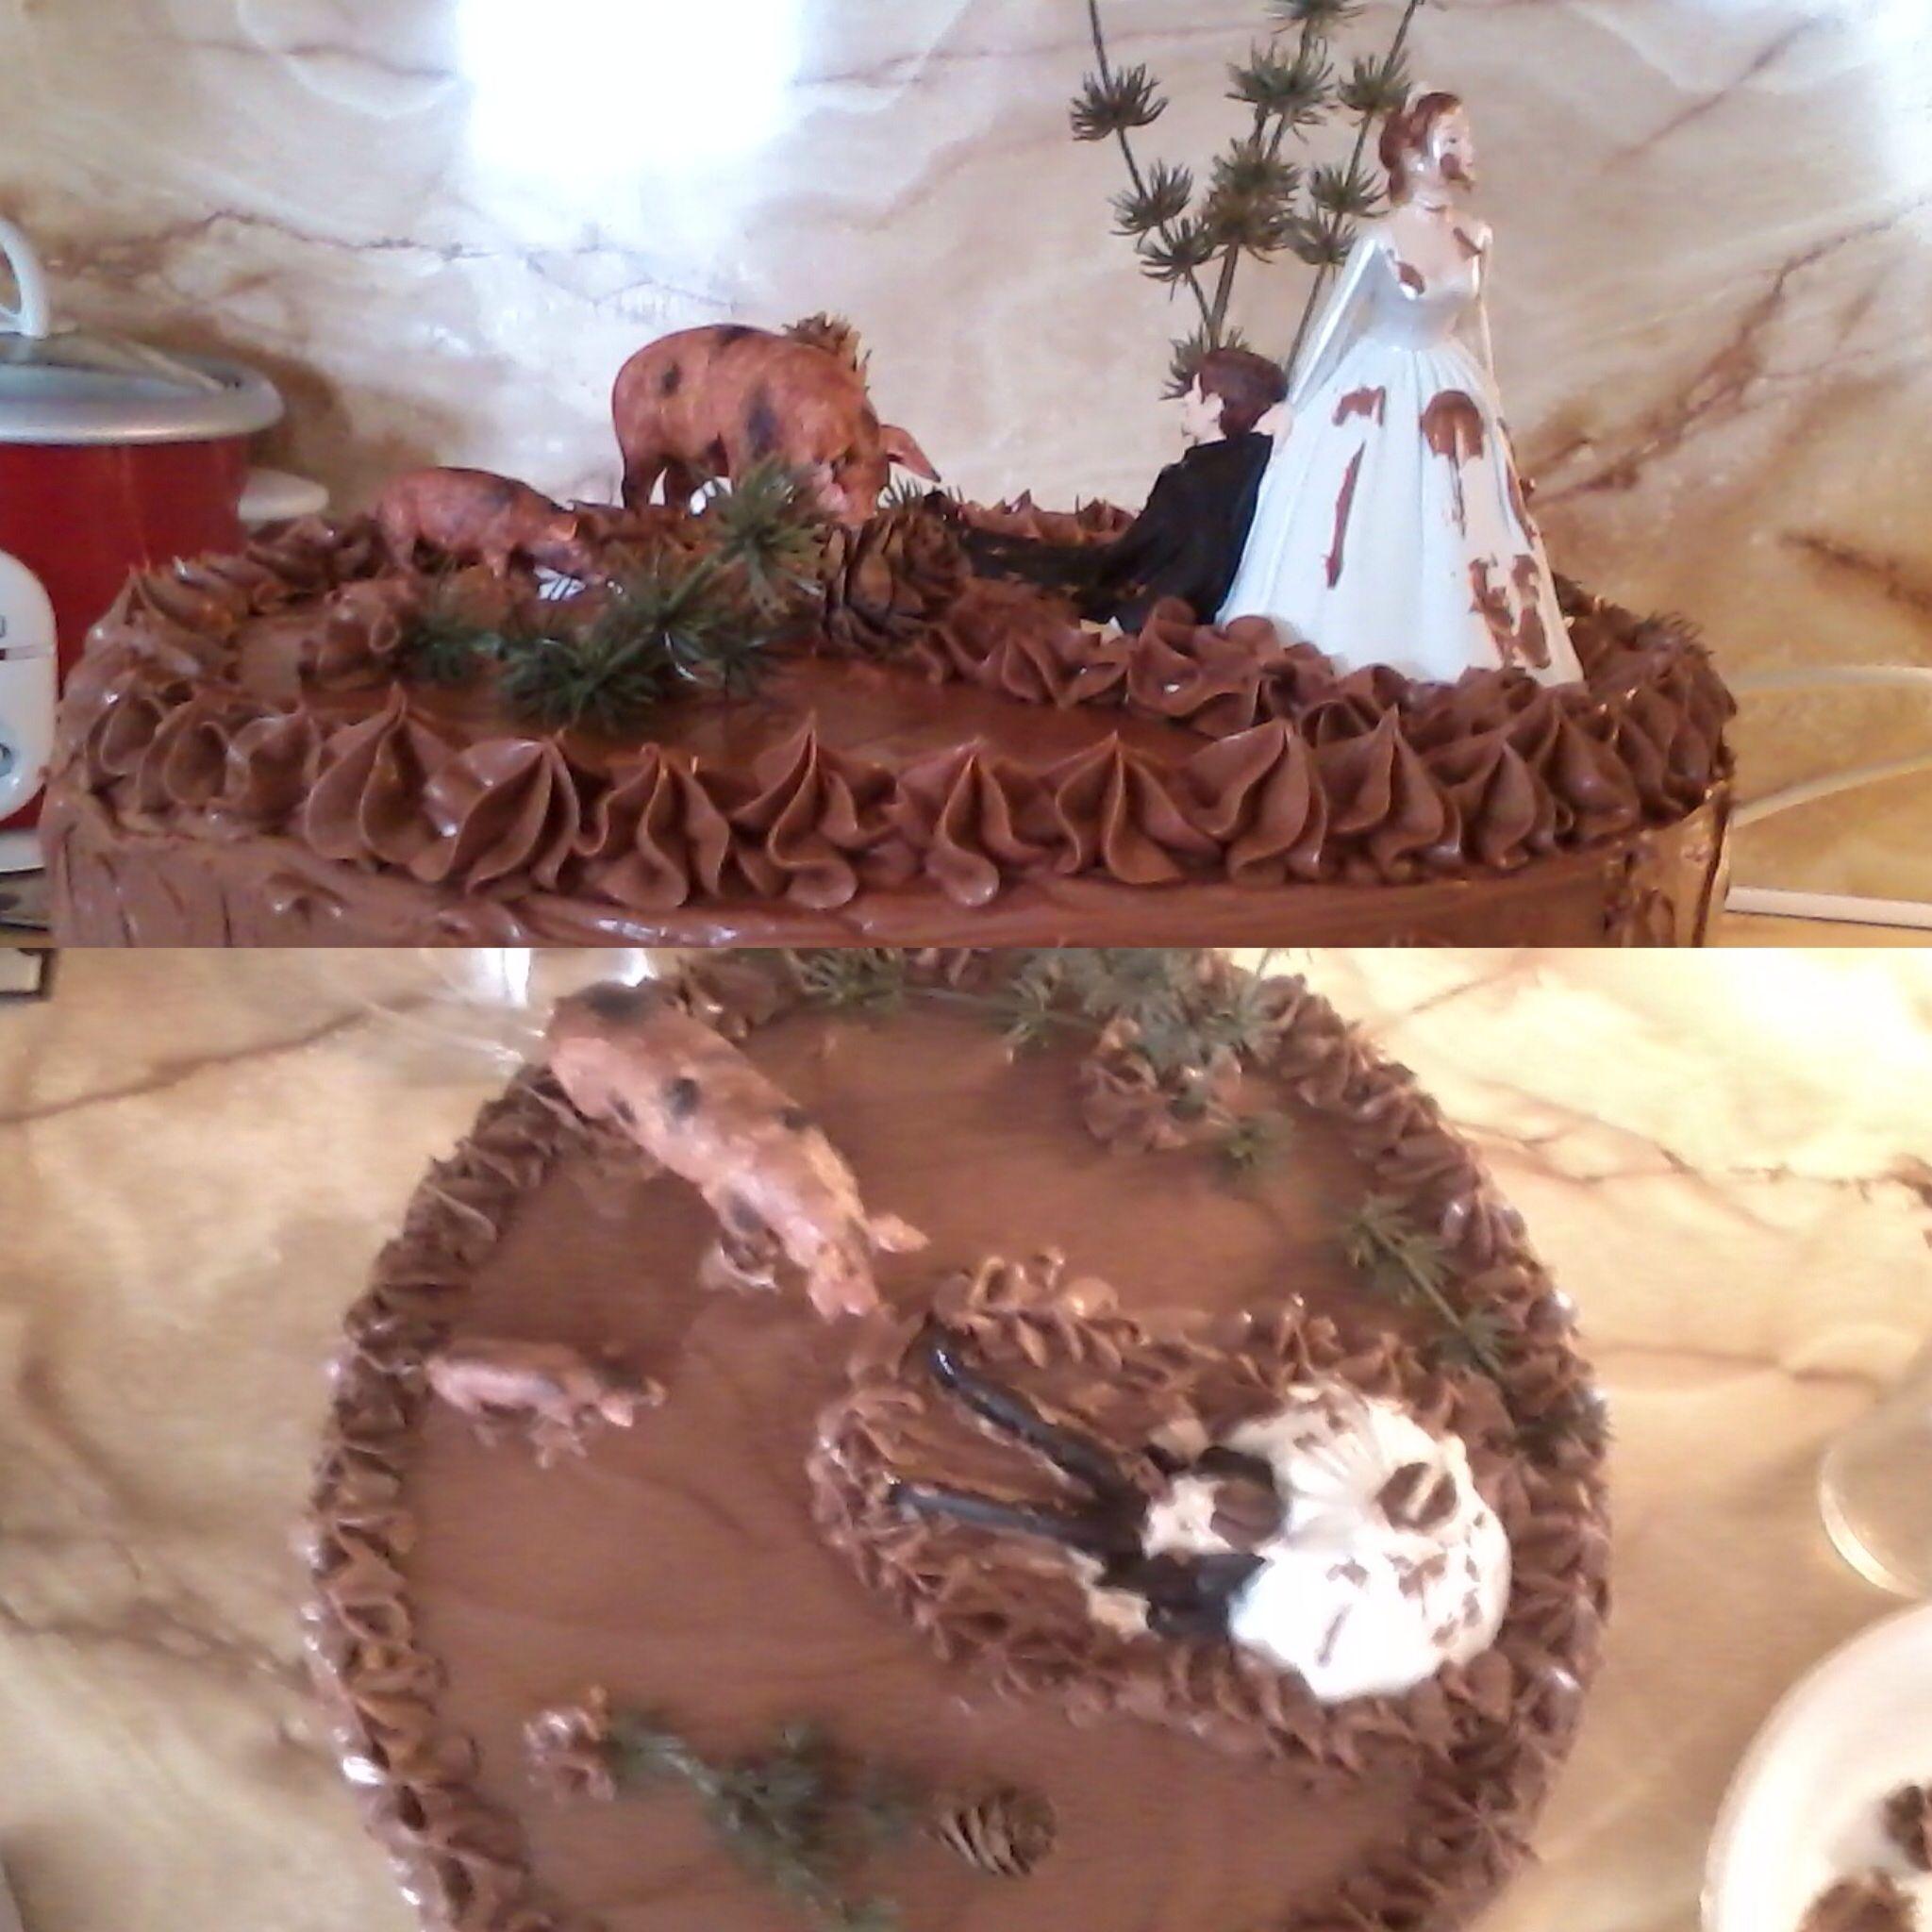 Hog hunting grooms cake | Kim wedding | Pinterest | Hunting grooms ...